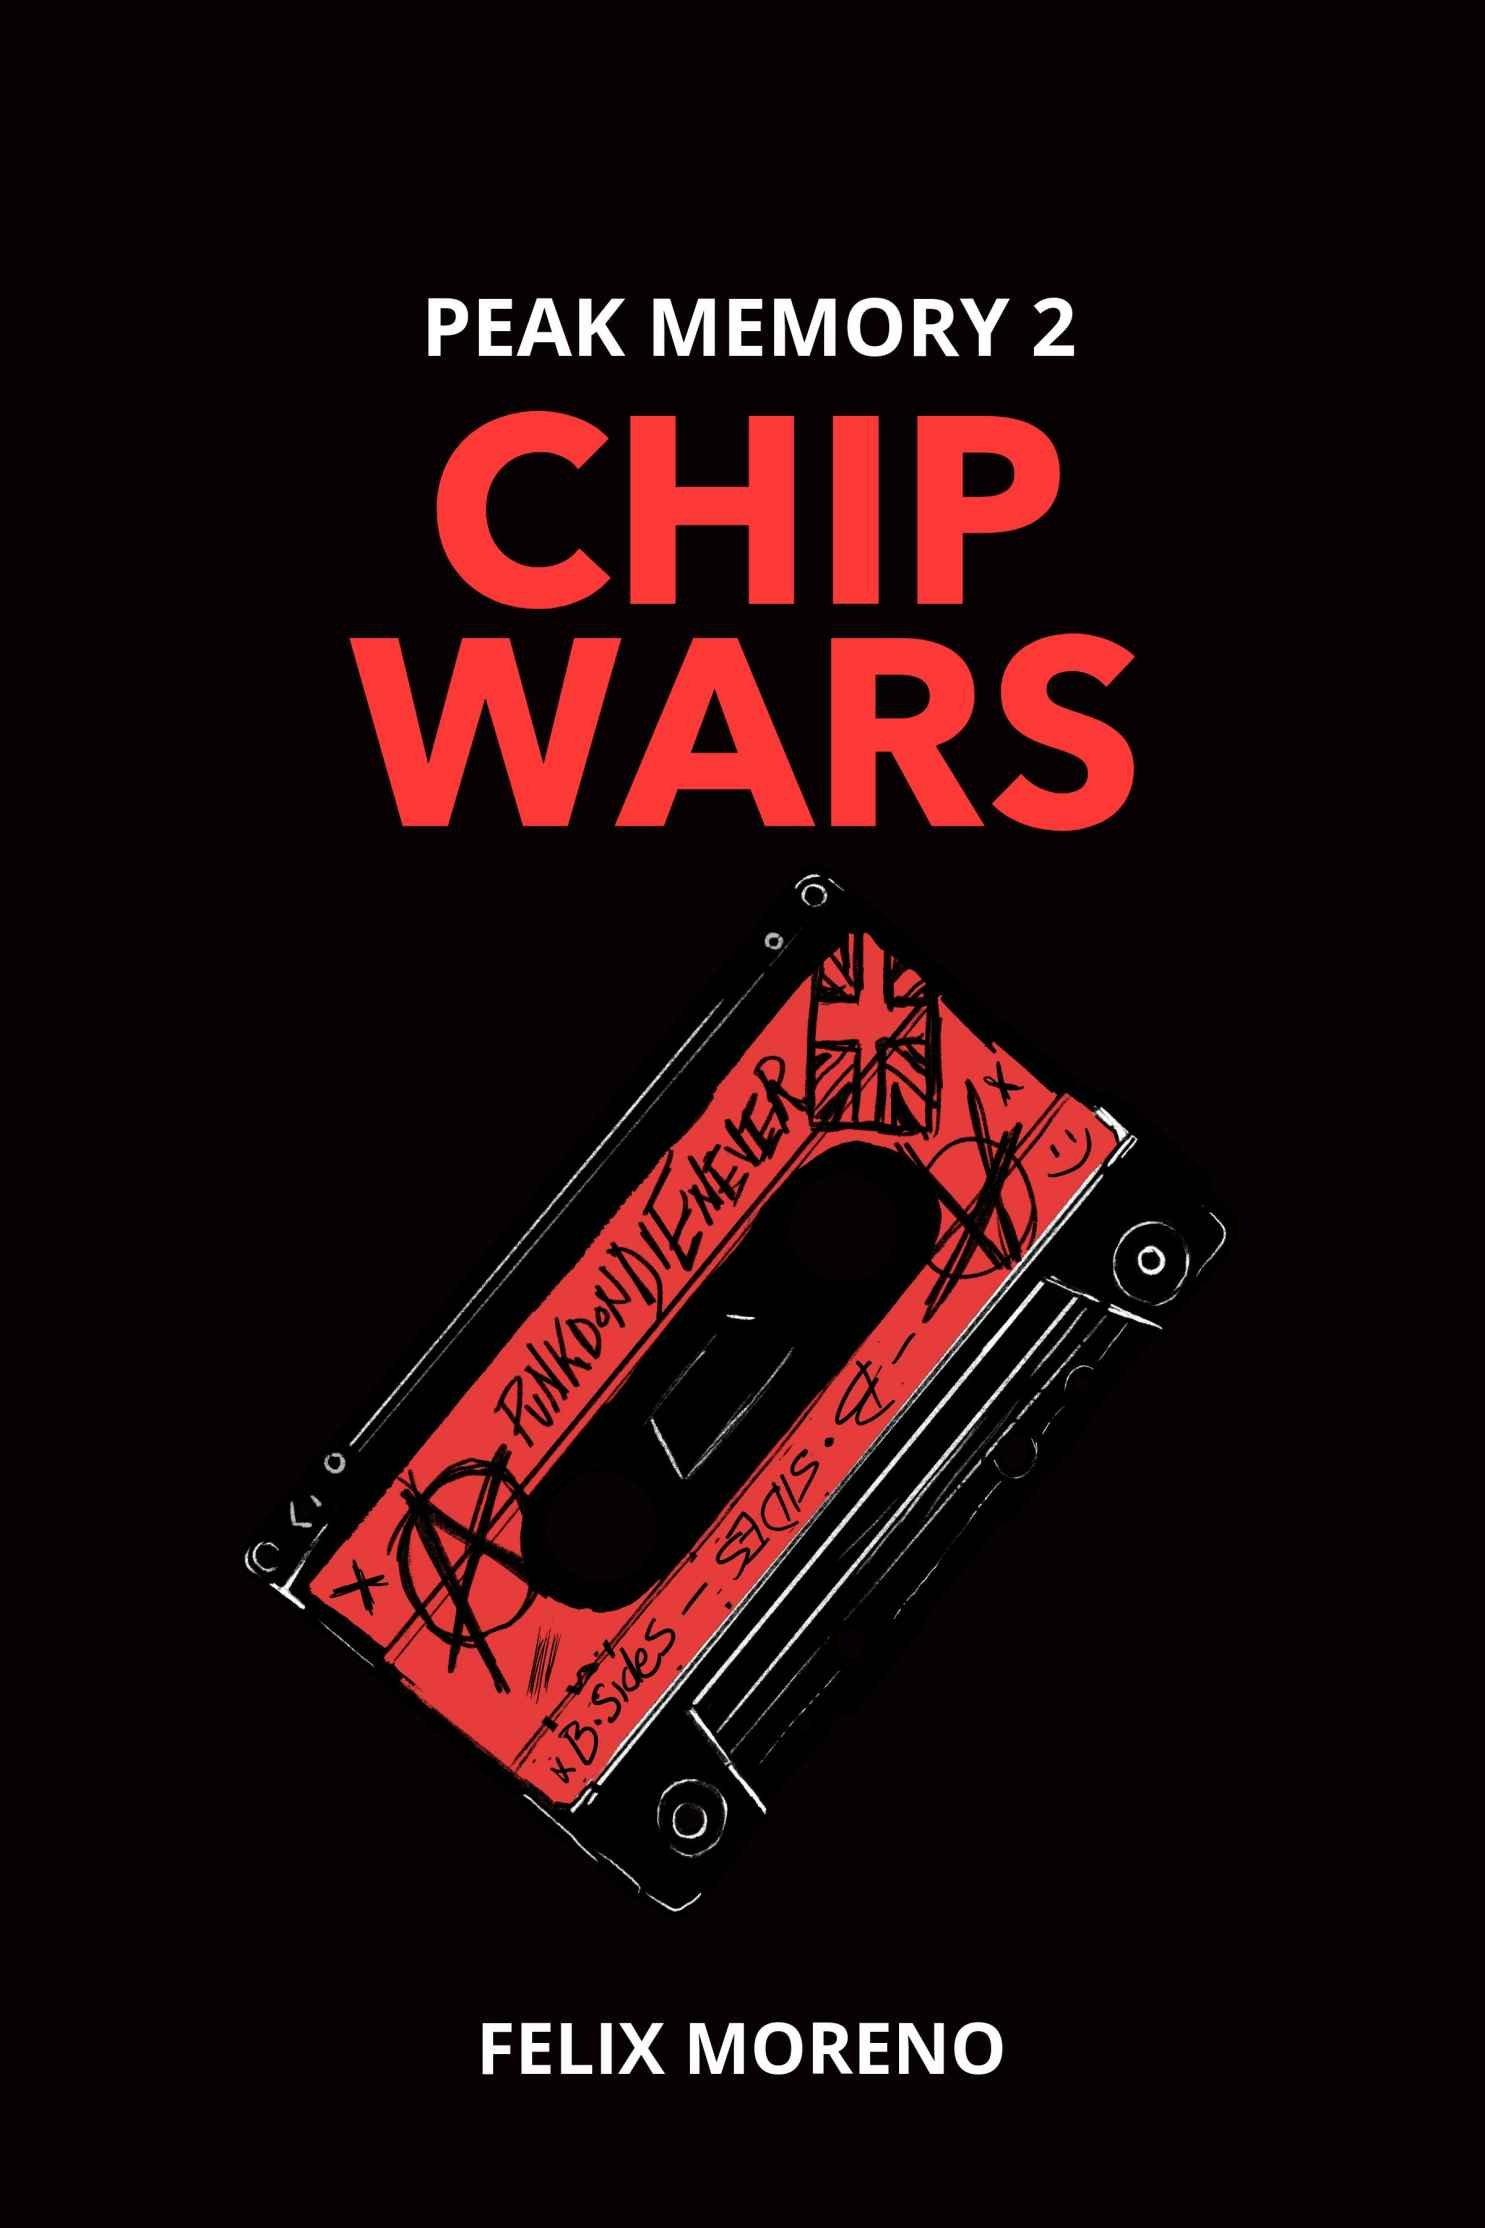 PEAK MEMORY 2 : CHIP WARS, LA GUERRA FRIA TECNOLÓGICA ENTRE EEUU Y CHINA.